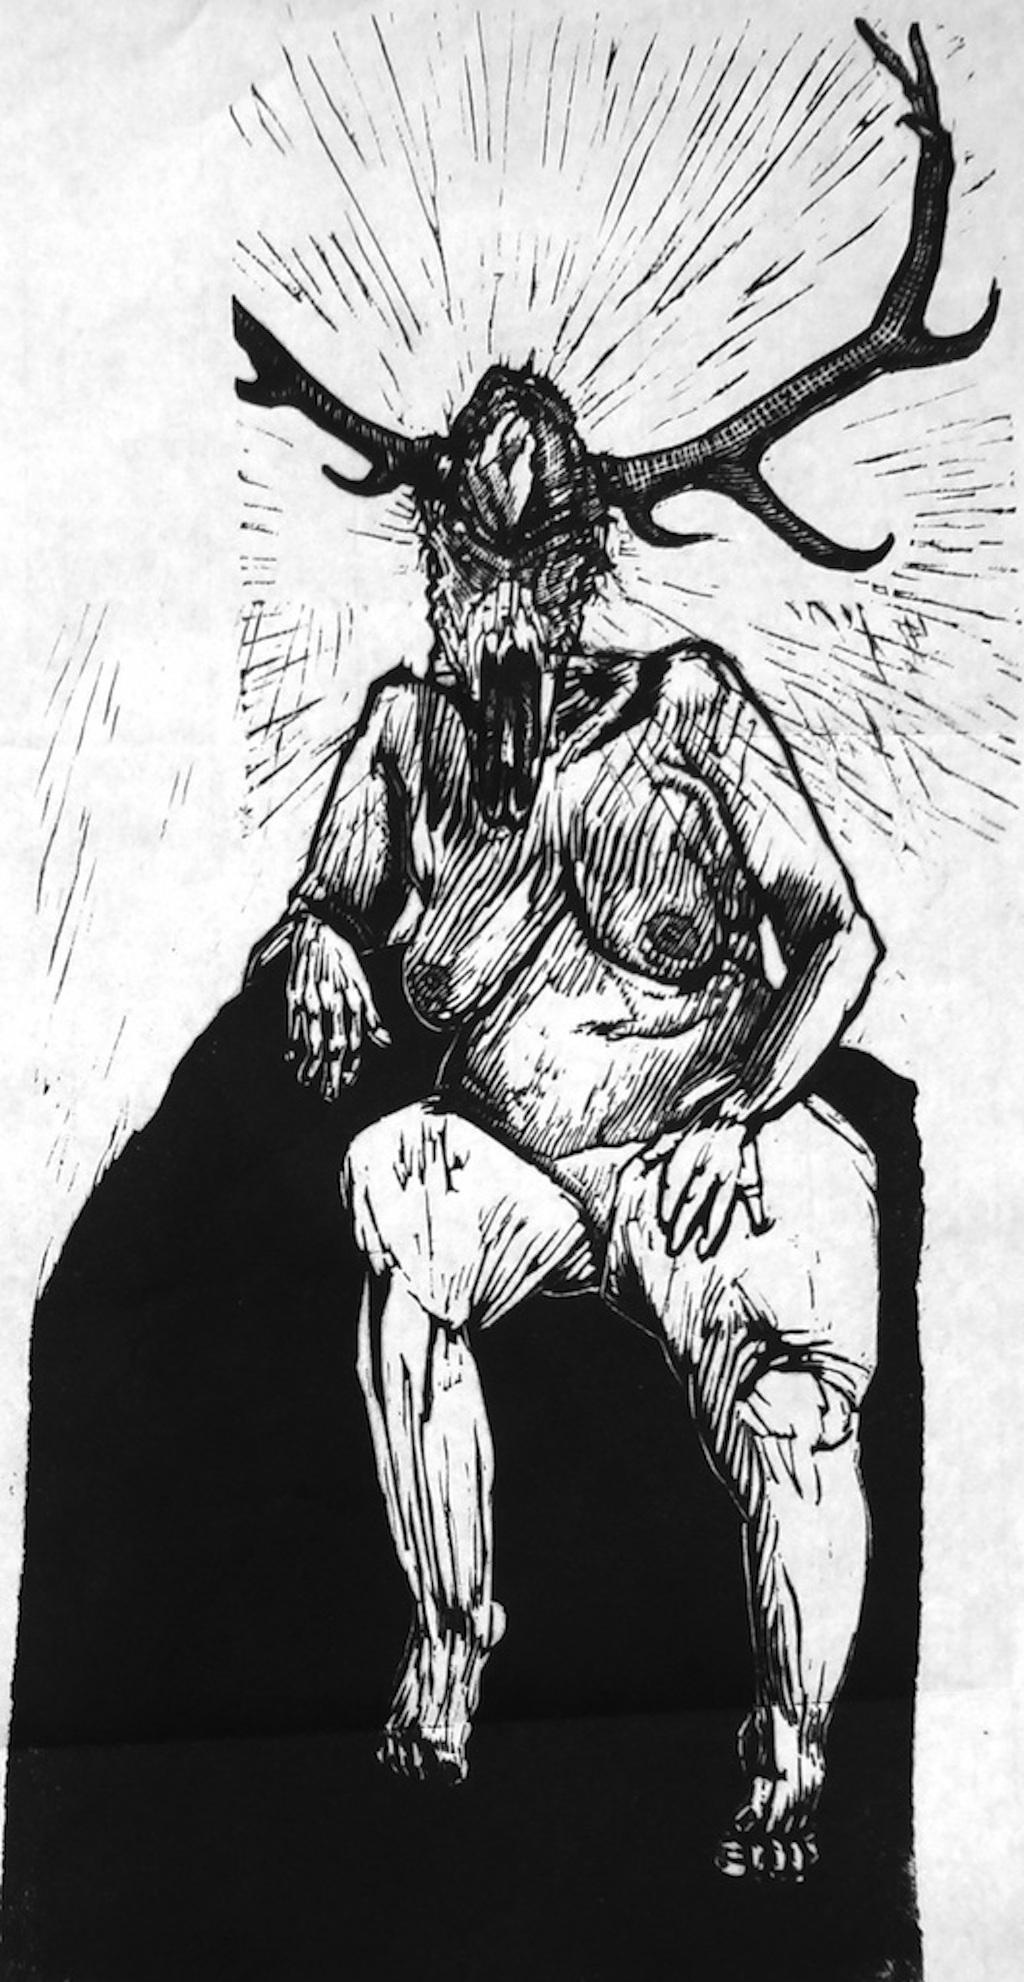 MYTH AND MORTALITY